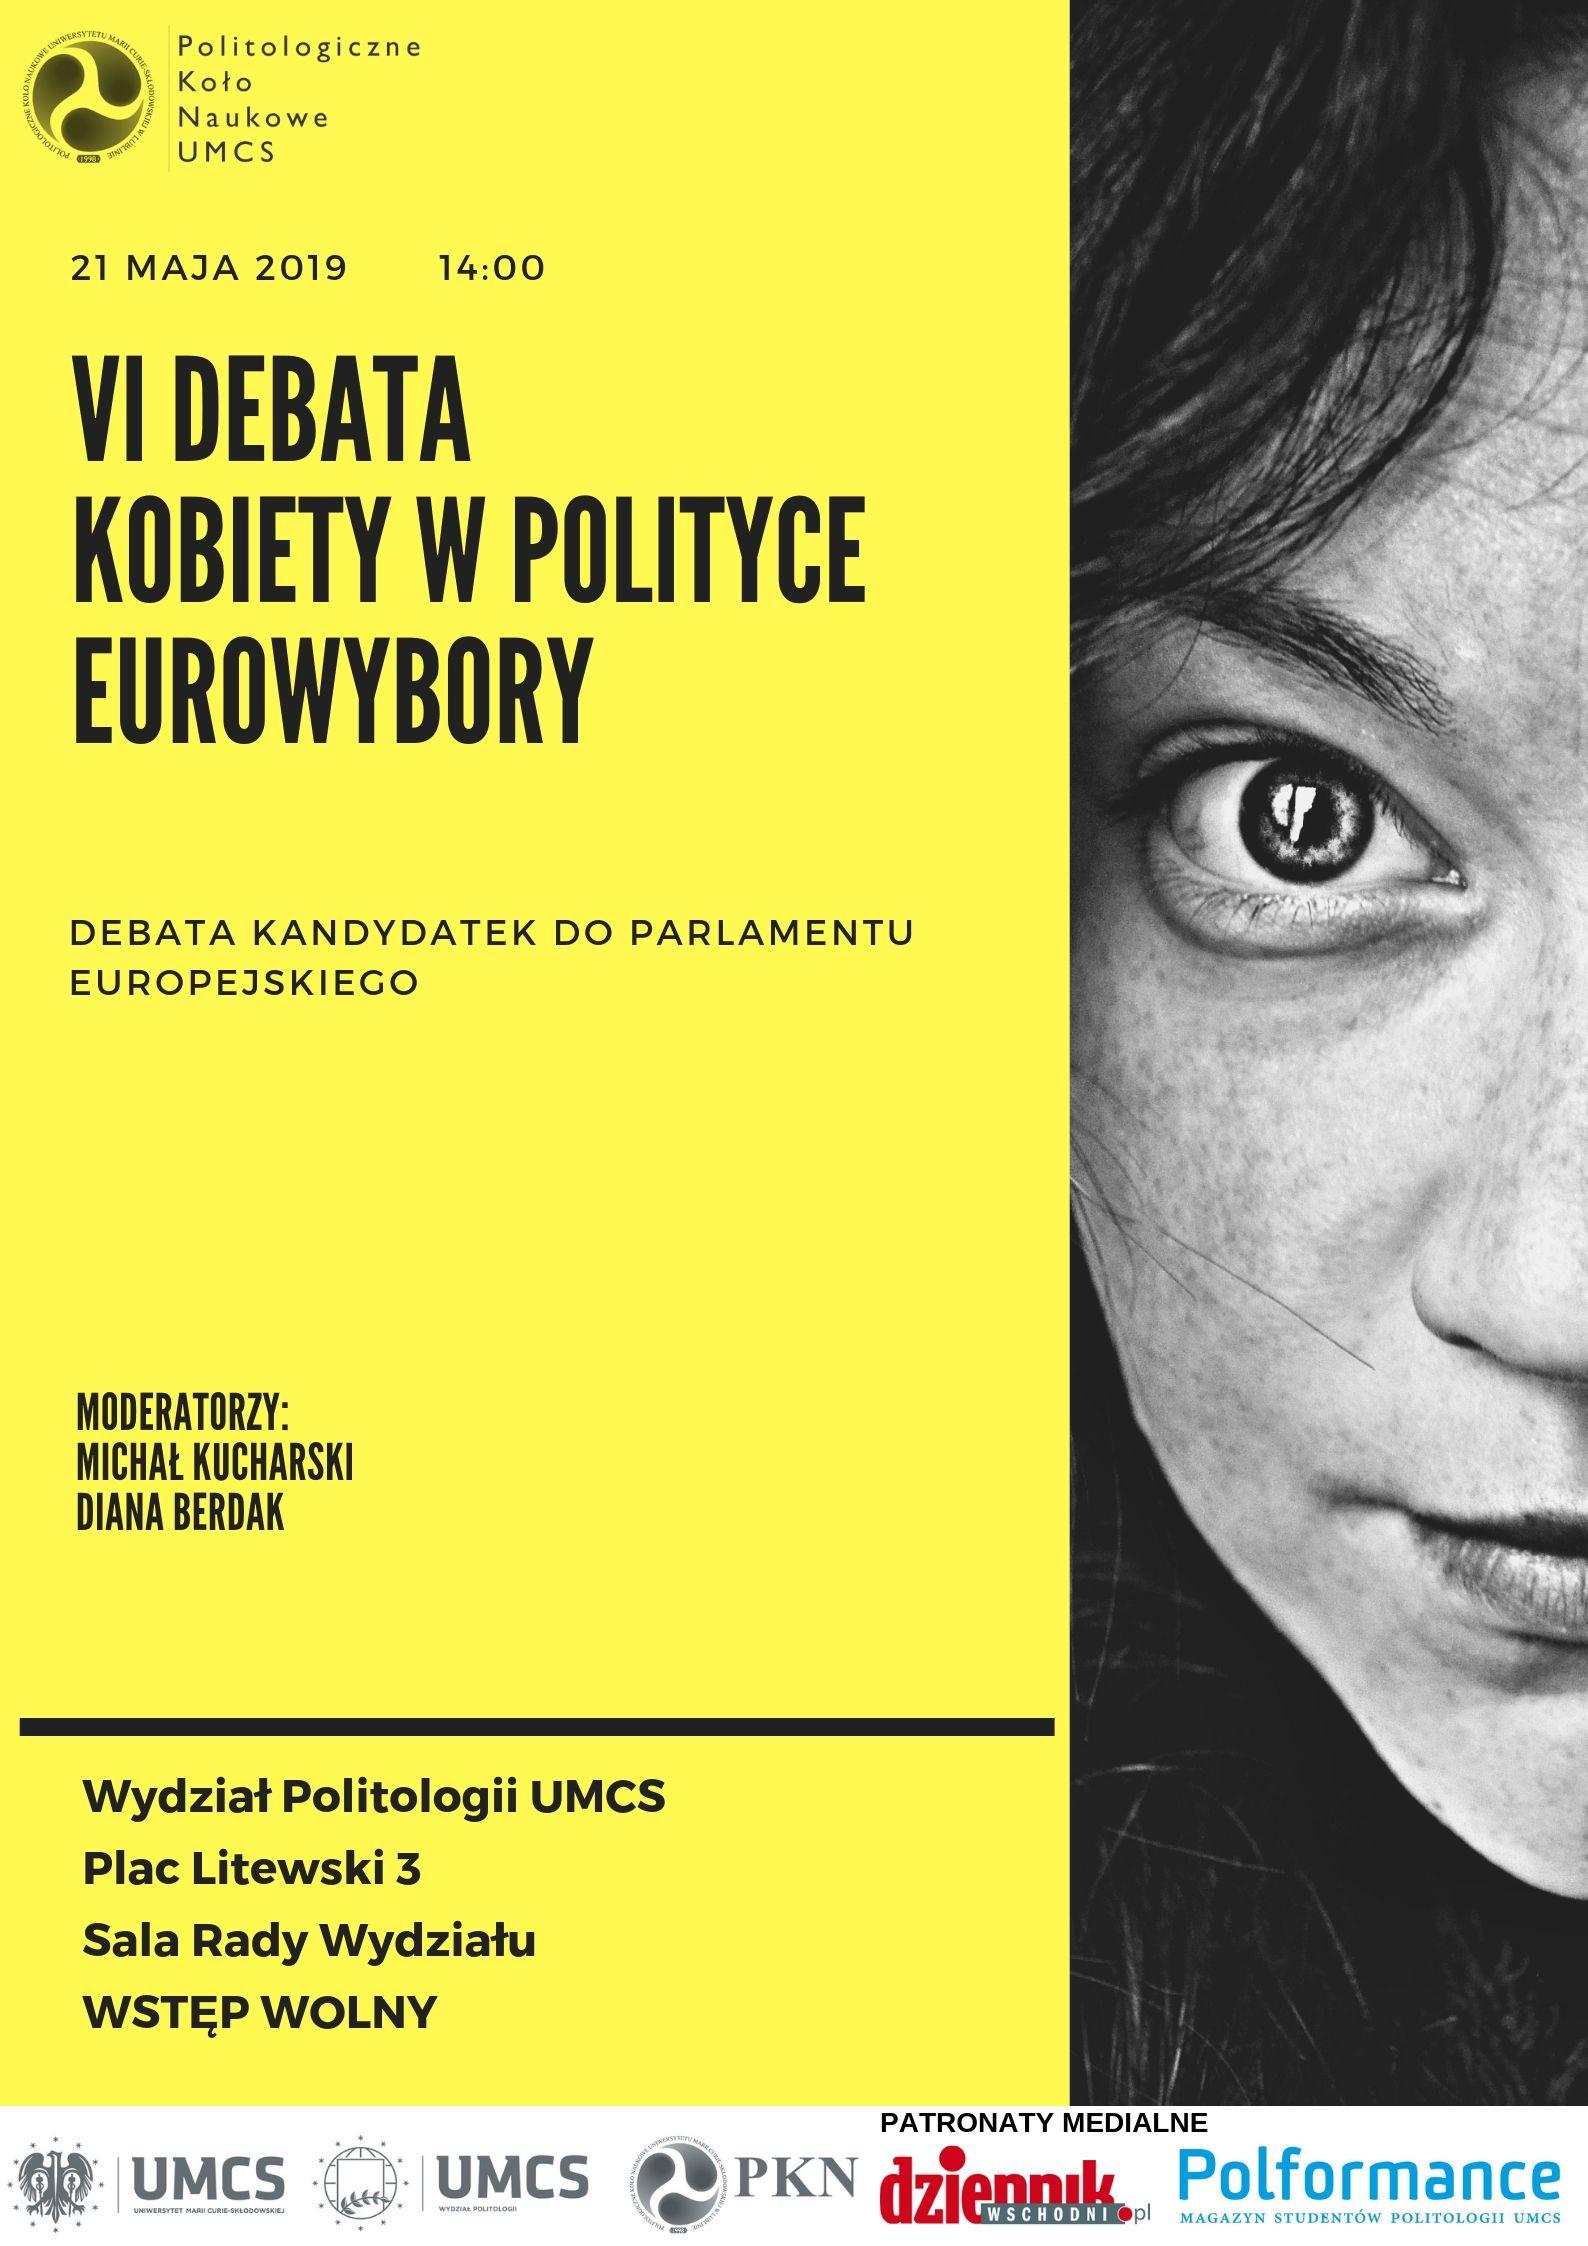 VI DEBATA KOBIETY W POLITYCE - EUROWYBORY.jpg